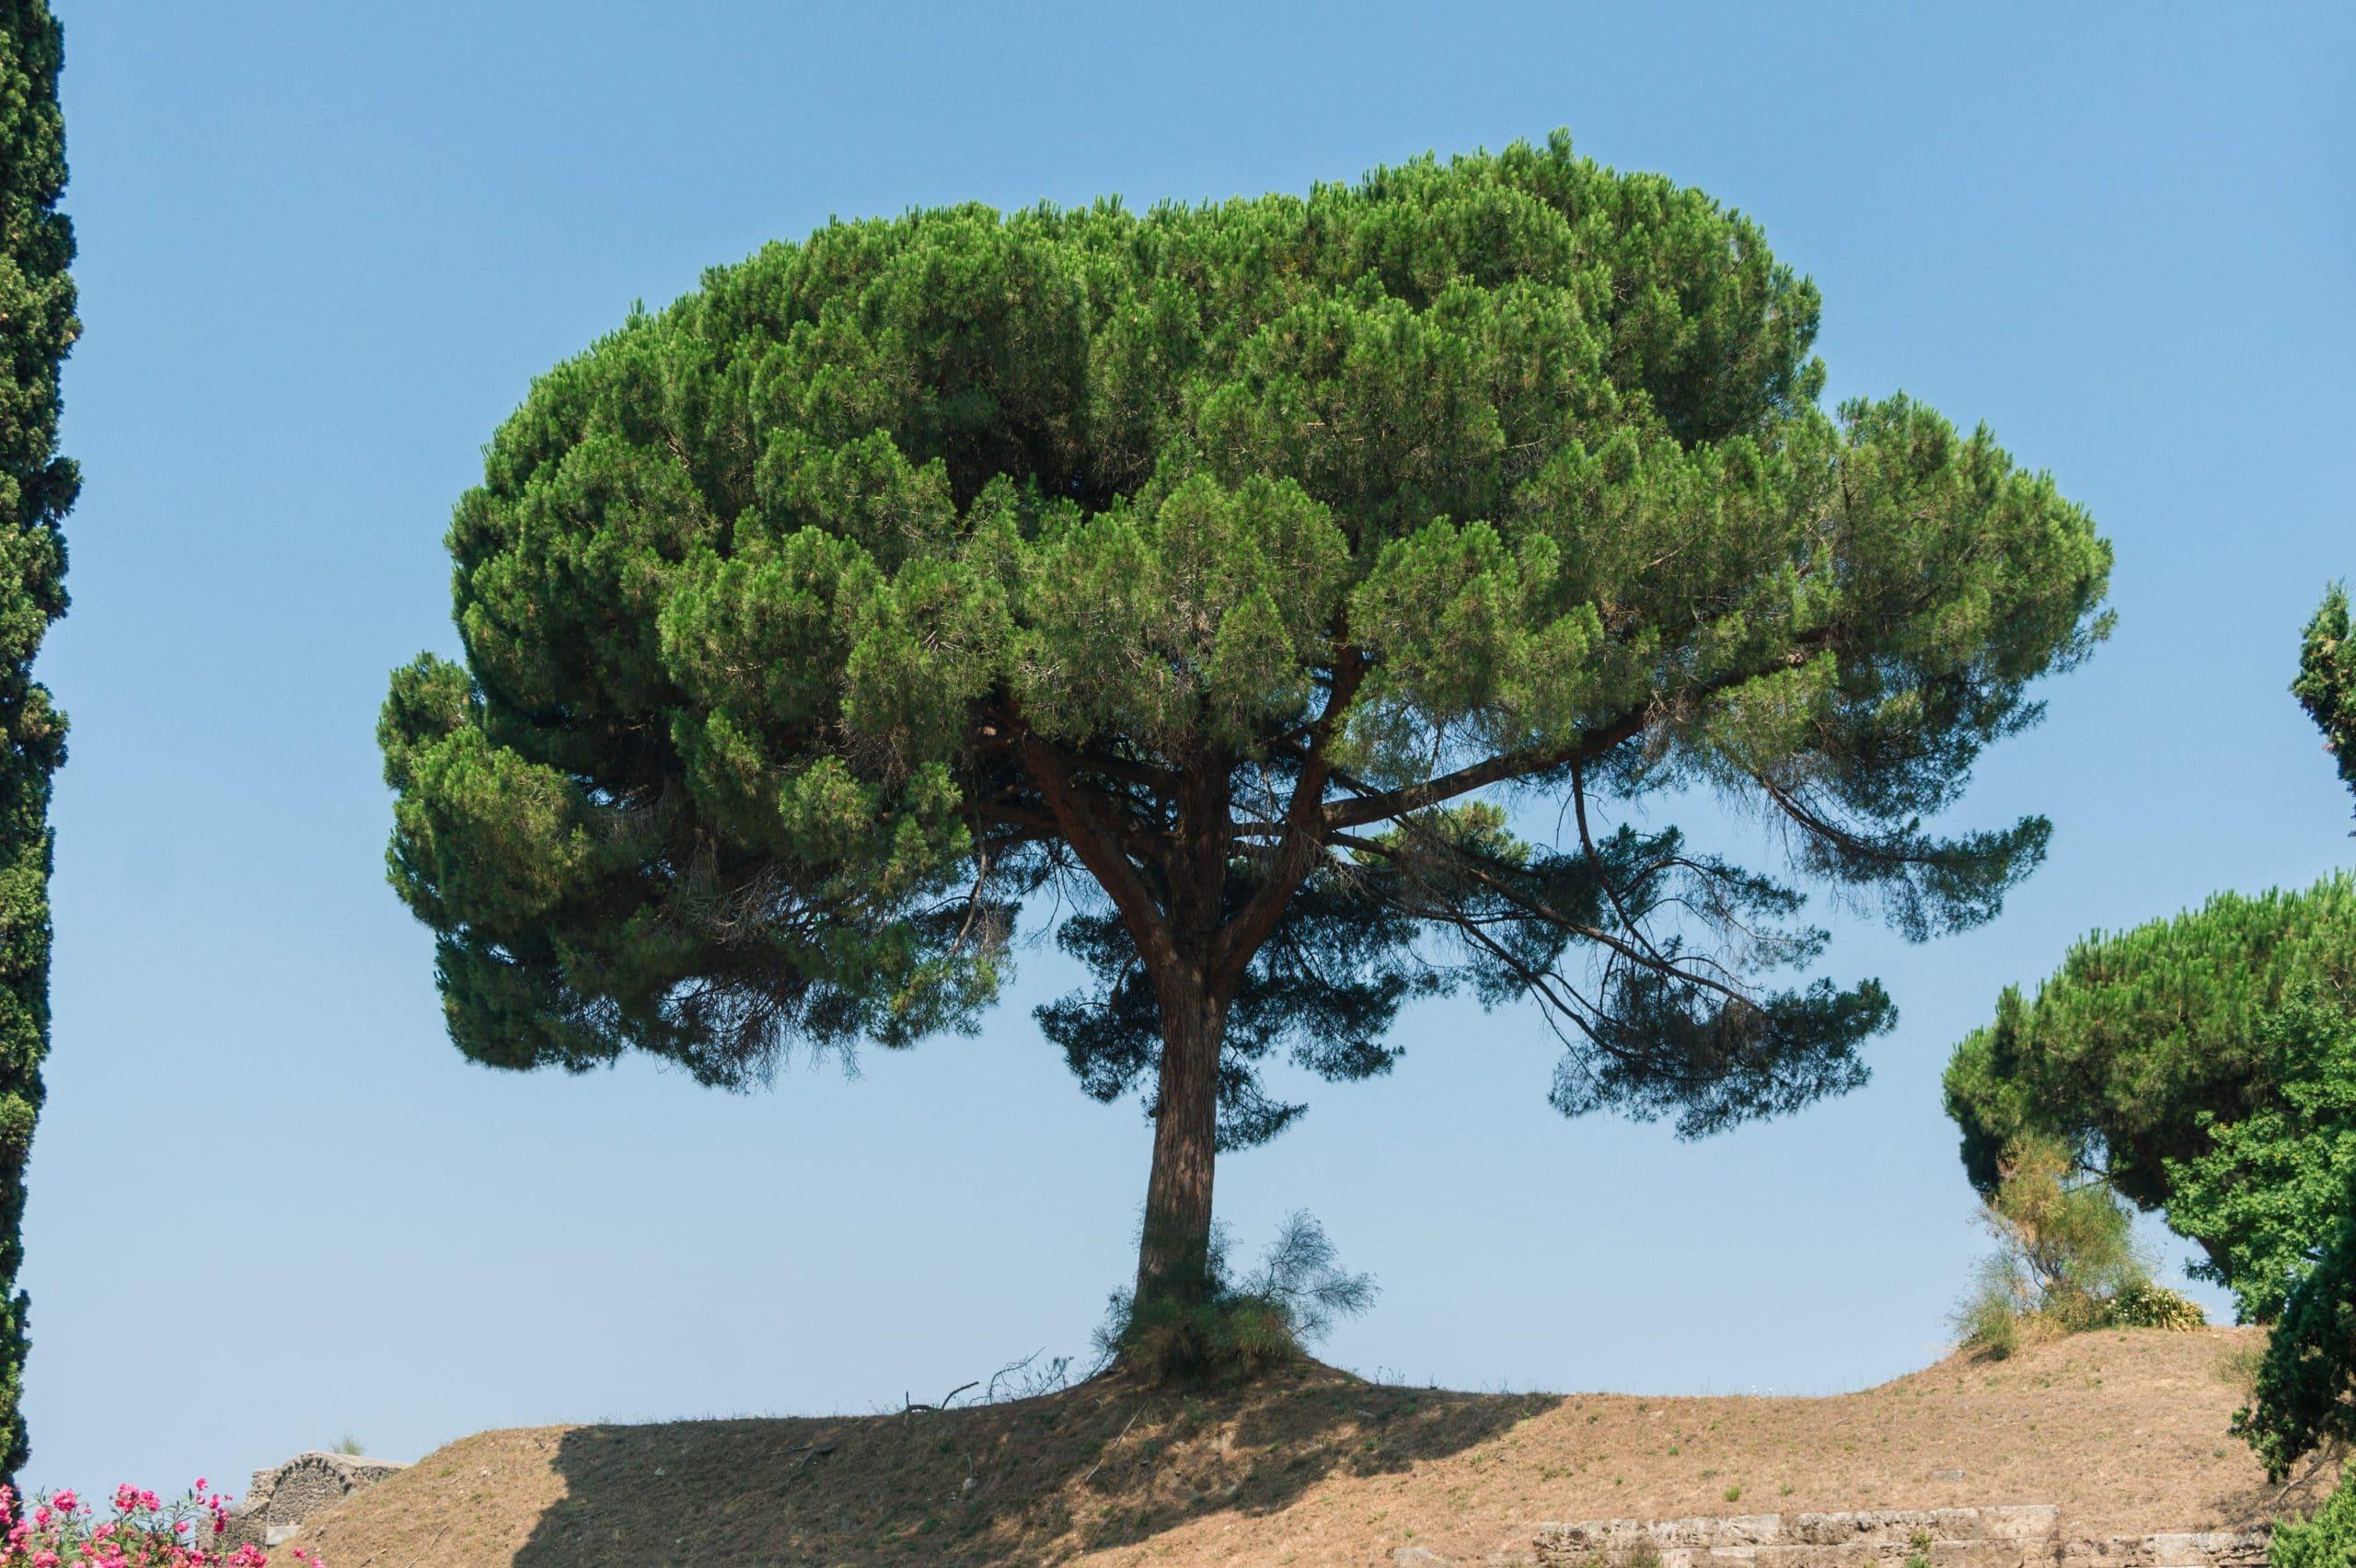 Caracter sticas y cuidados del pino pi onero for Caracteristicas de arboles frondosos